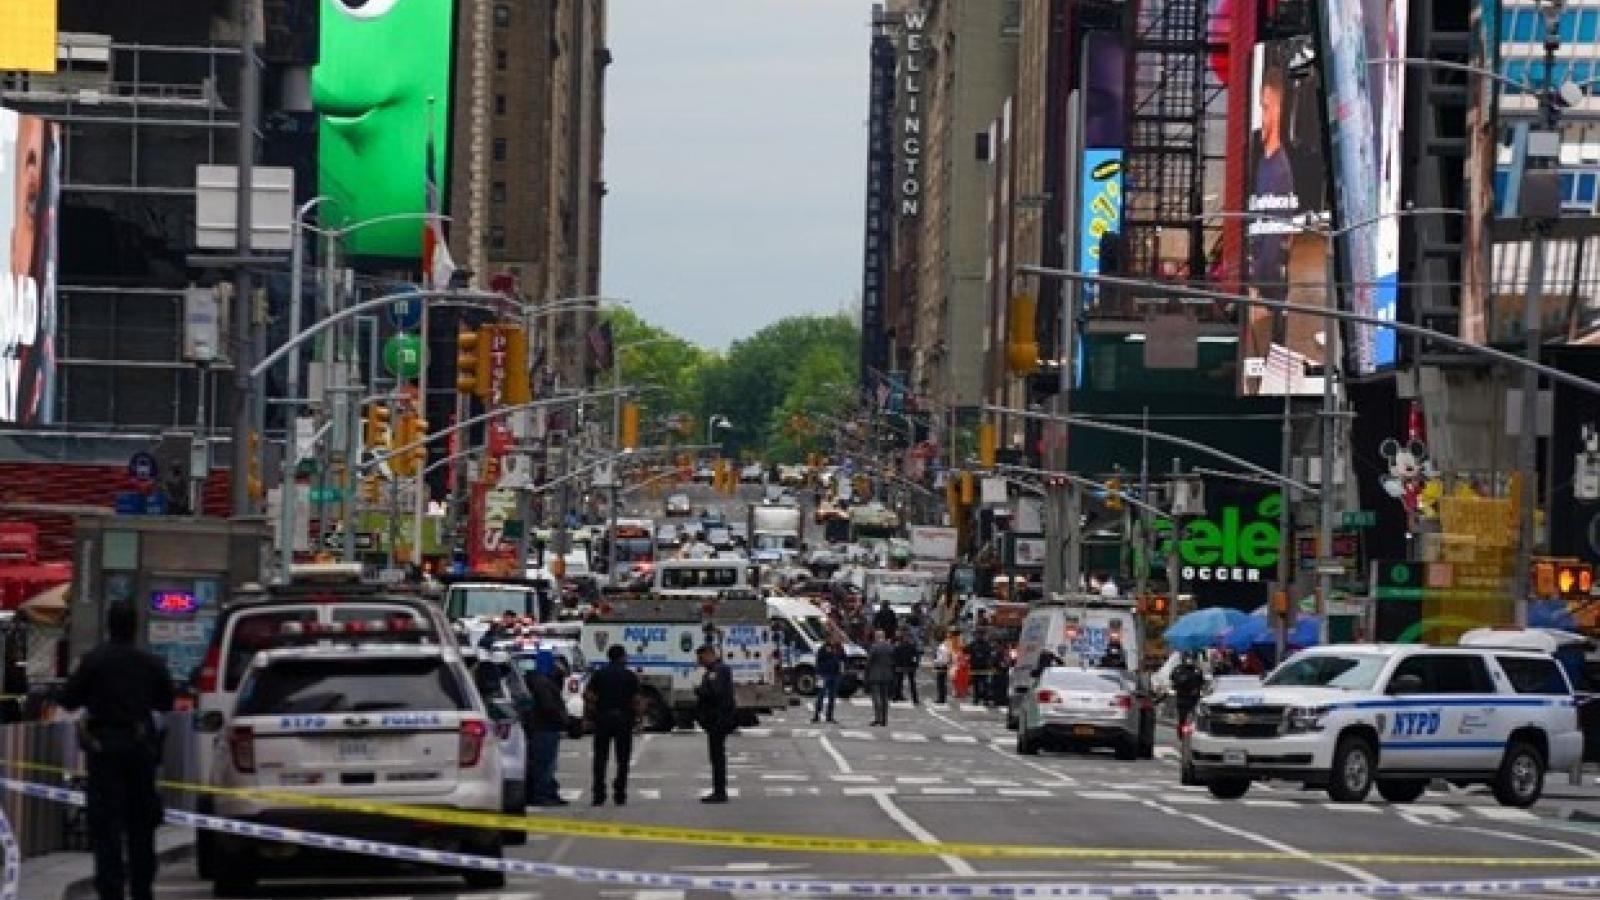 Xả súng ngay giữa Quảng trường Thời đại ở New York khiến 3 người bị thương